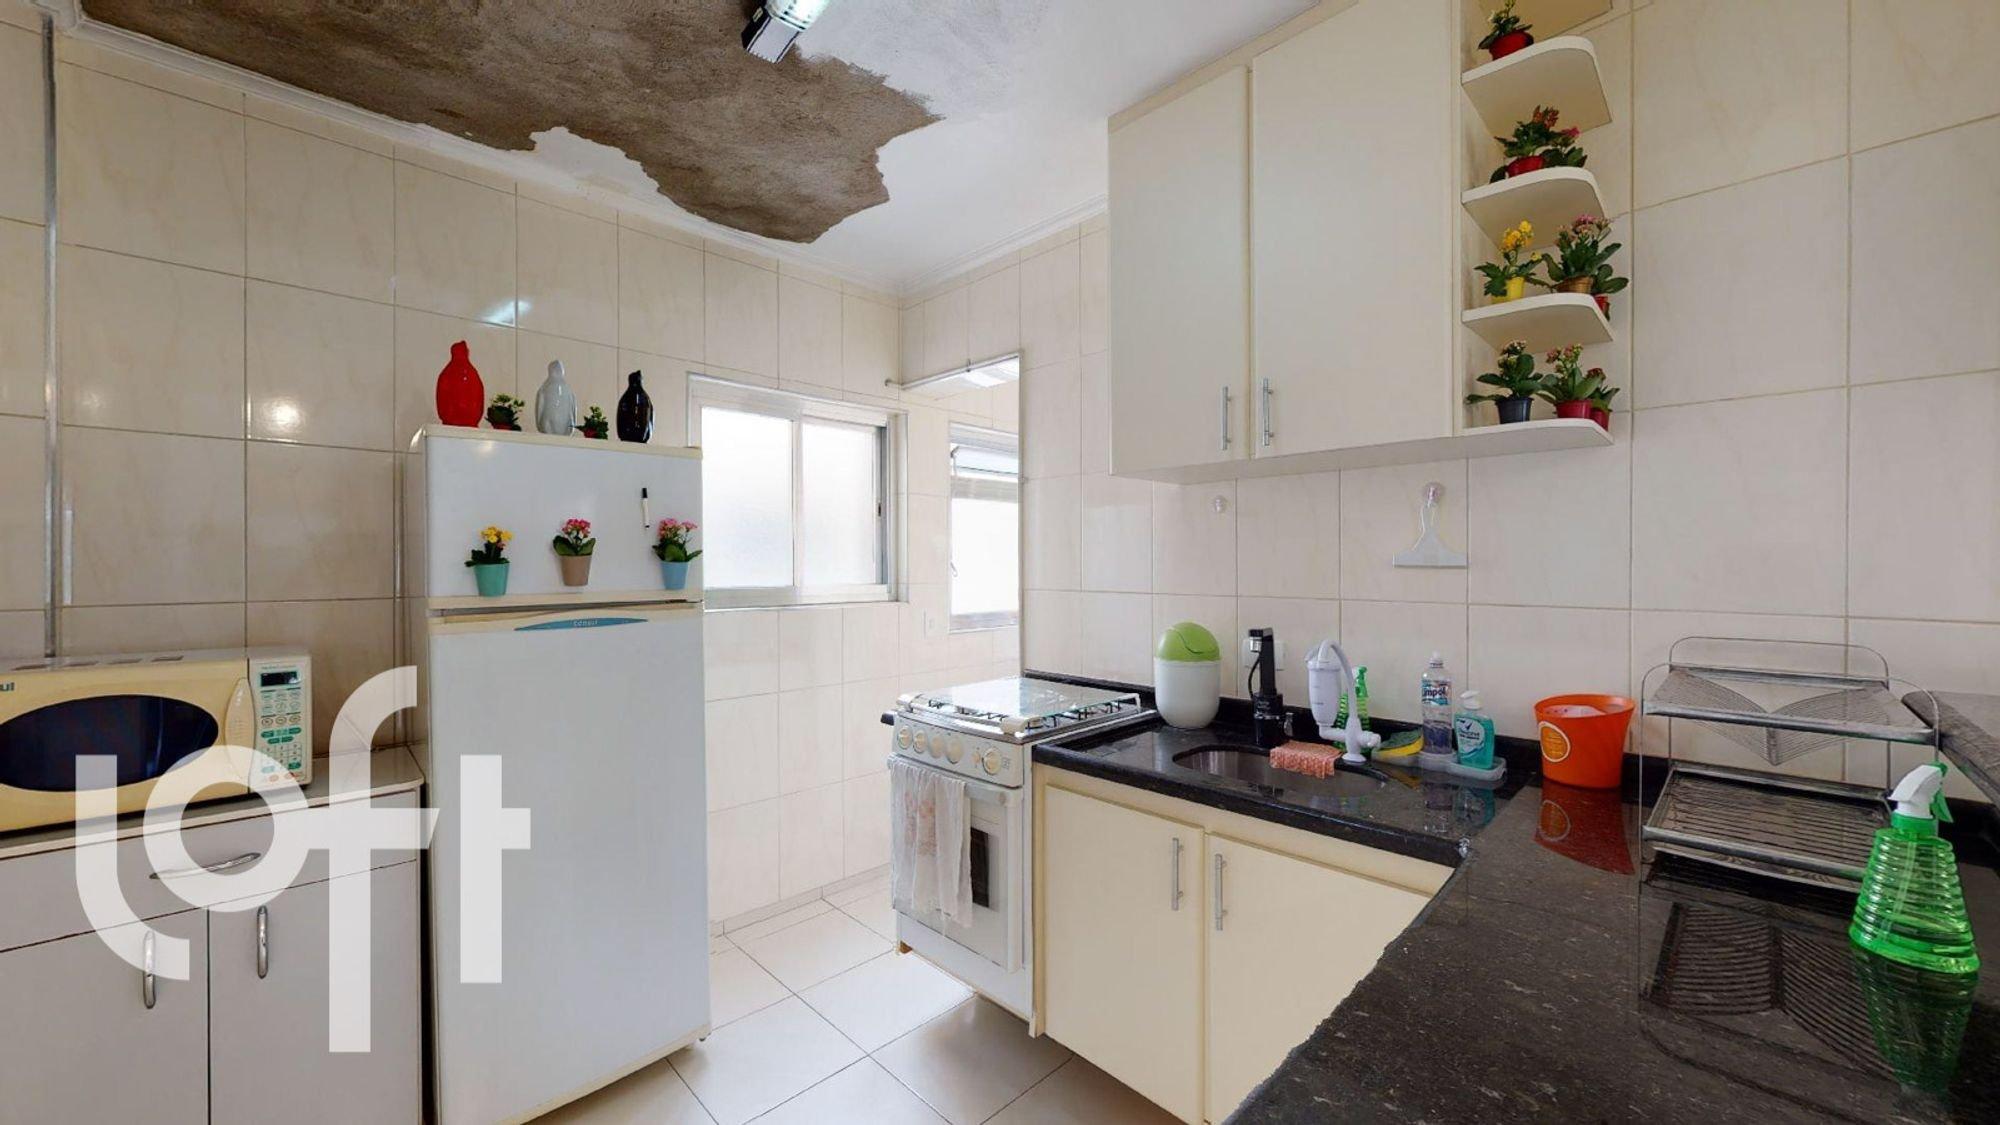 Foto de Cozinha com vaso de planta, forno, pia, vaso, garrafa, geladeira, microondas